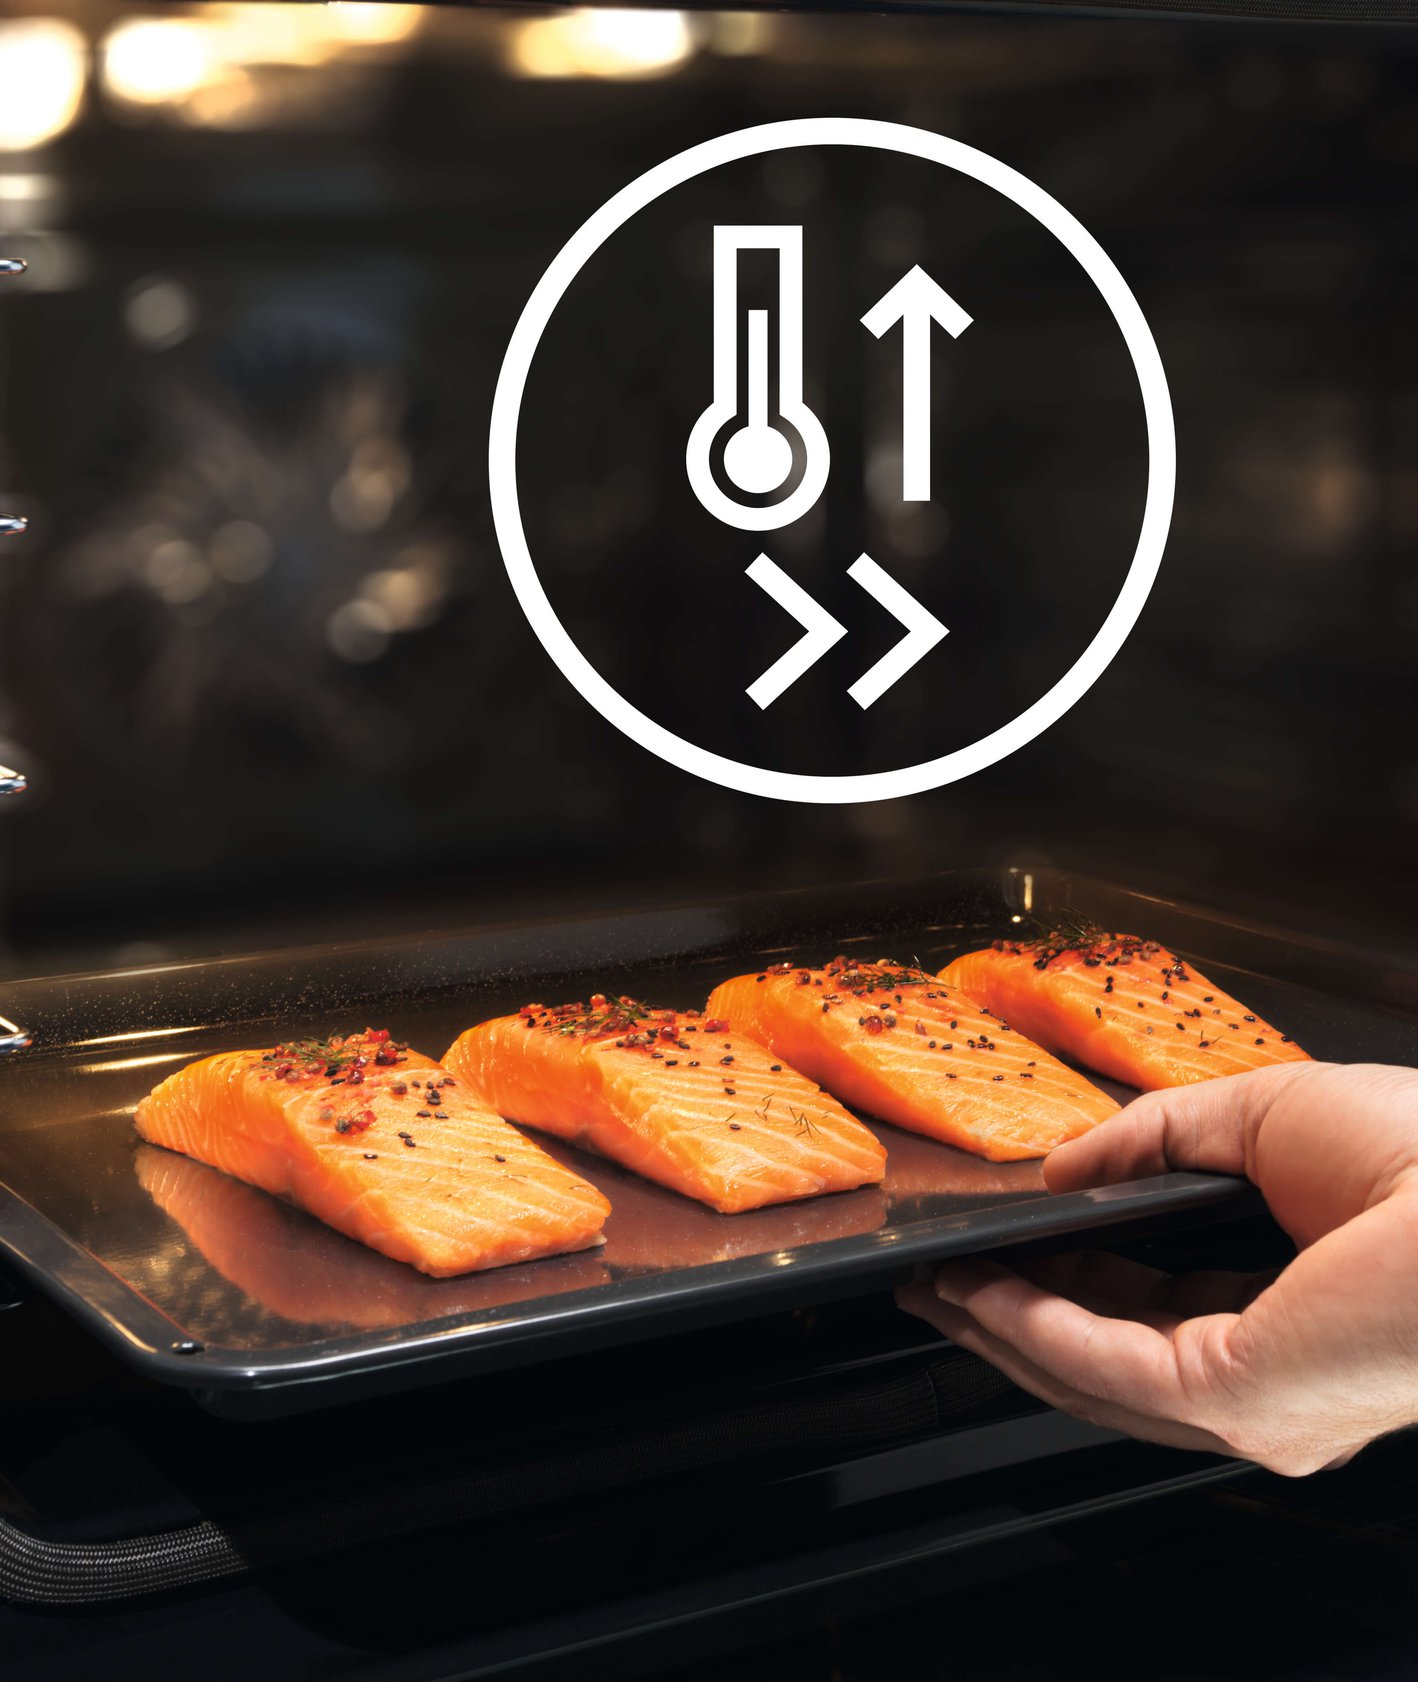 Piekarnik Electrolux EOC6H71Z SteamCrisp, przygotowanie pieczonego łososia (fot. materiały prasowe)